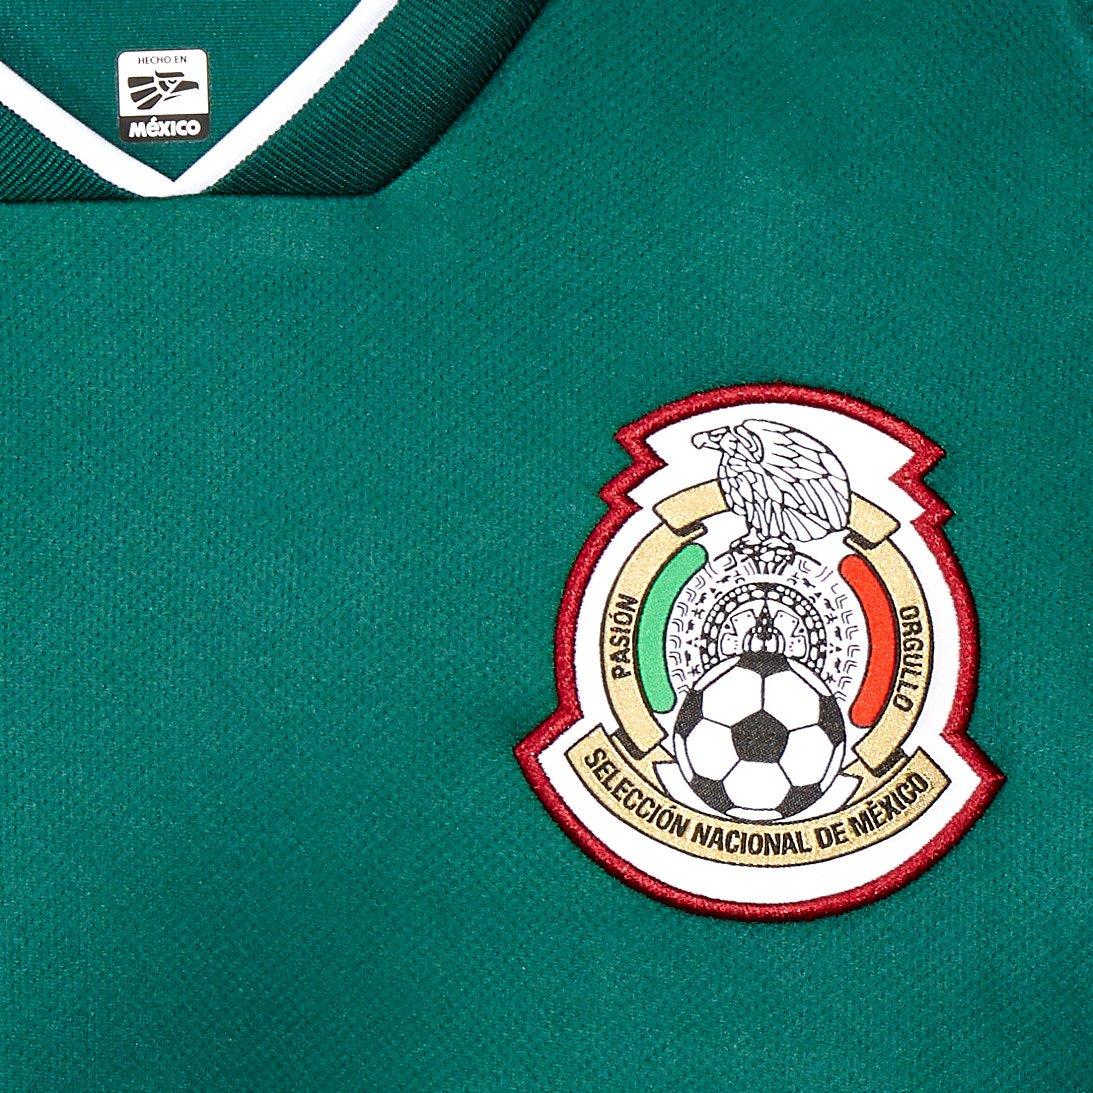 Jersey Oficial Selección de México Local para Hombre  Amazon.com.mx   Deportes y Aire Libre 90f764b4f0c01